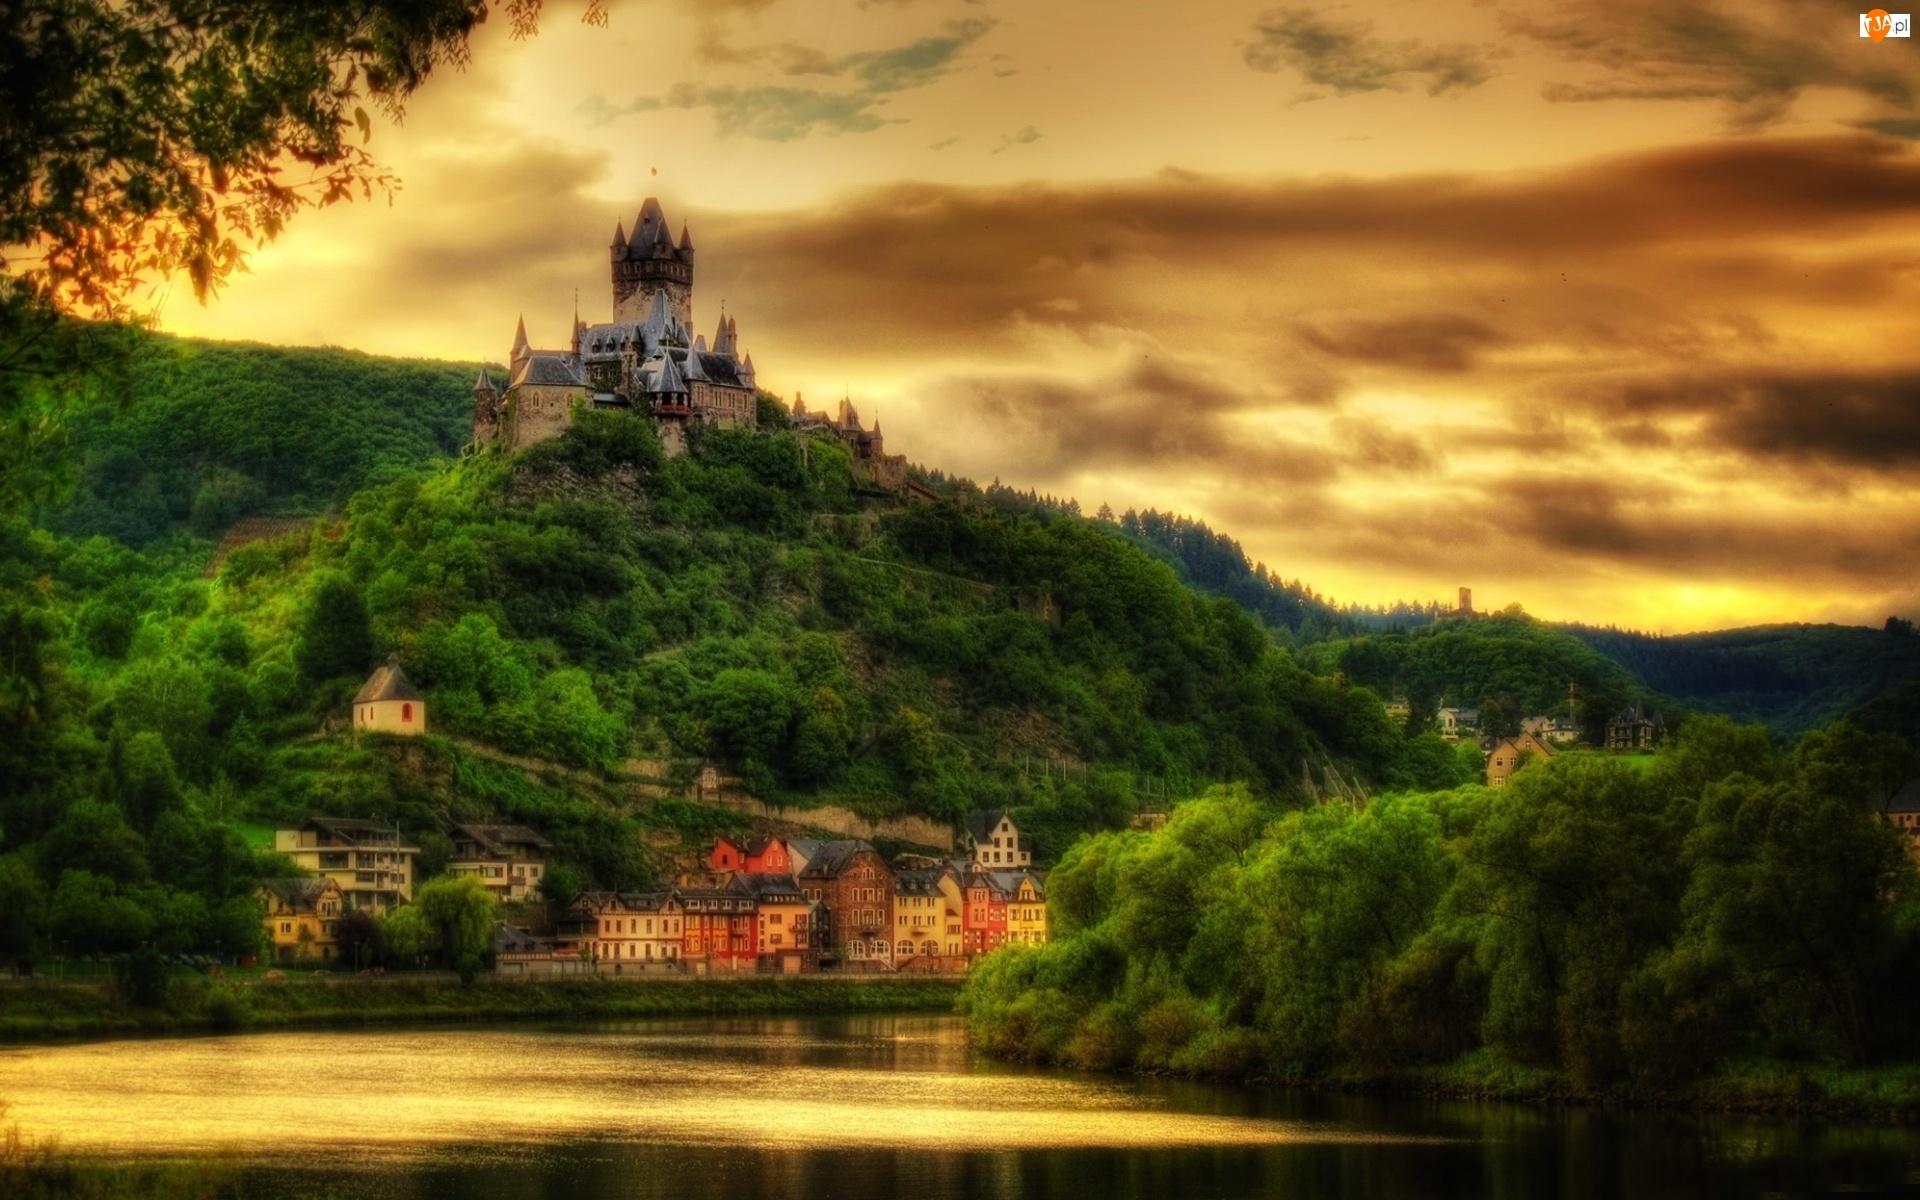 Jezioro, Zamek, Cochem, Reichsburg, Wzgórze